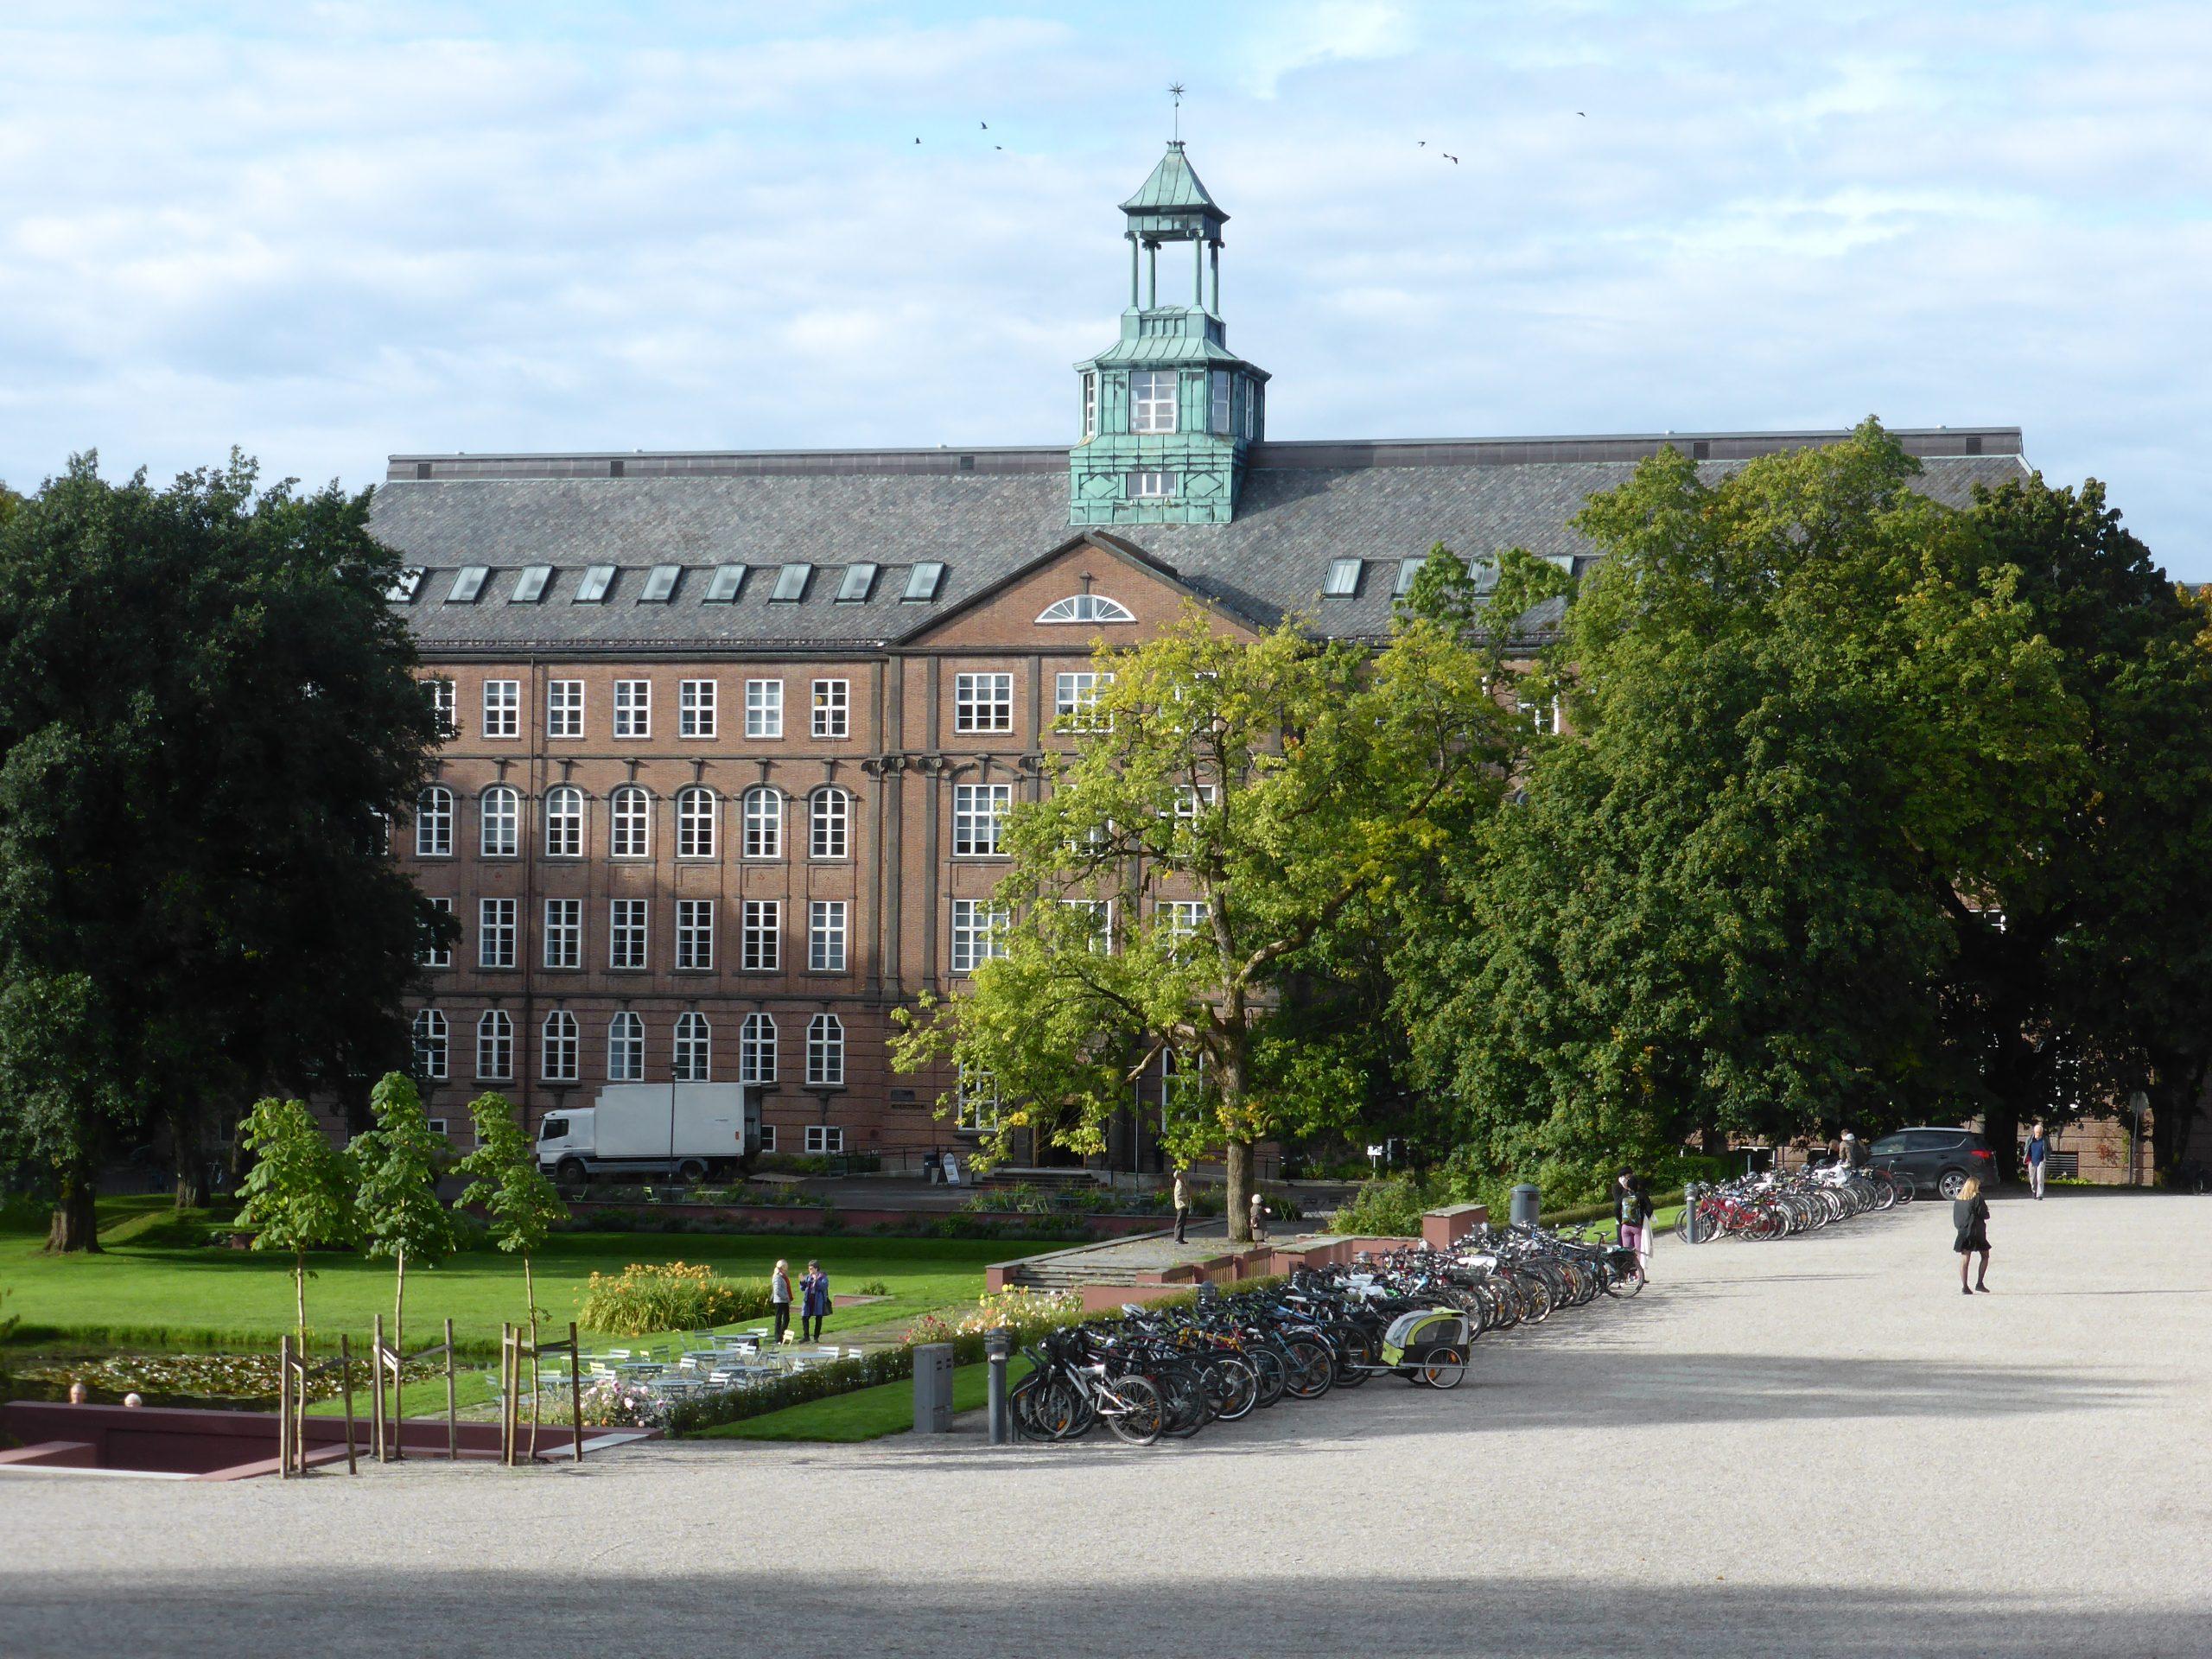 Norges miljø- og biovitenskapelige universitet (NMBU).